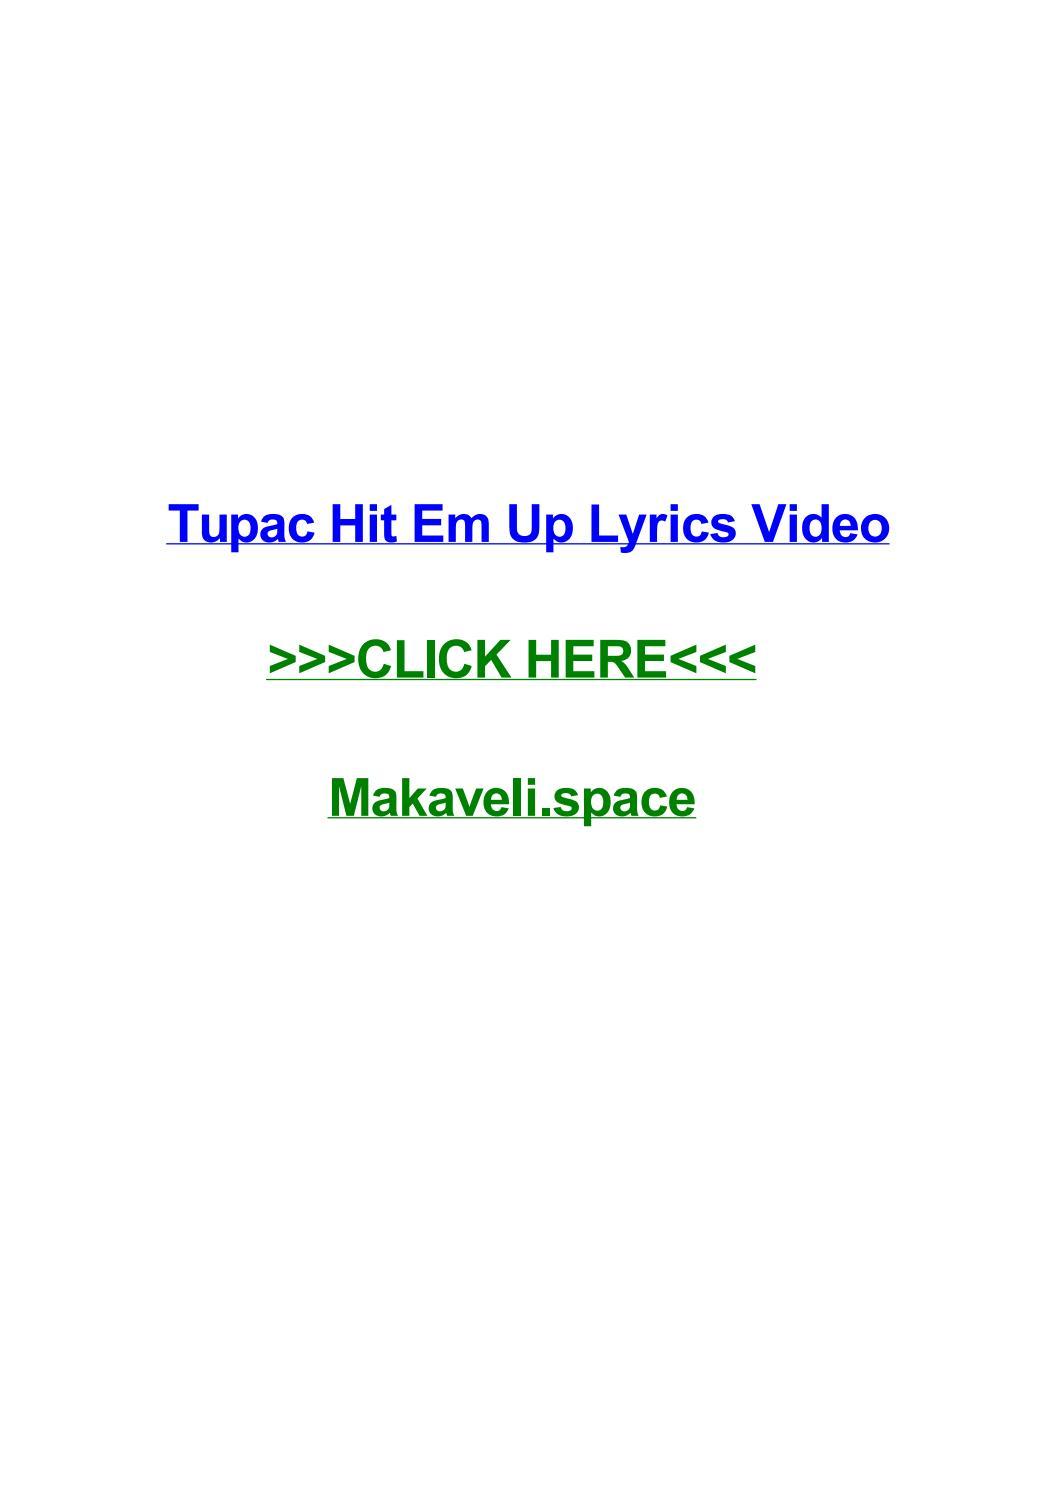 Tupac hit em up lyrics video by jaredvnir - issuu